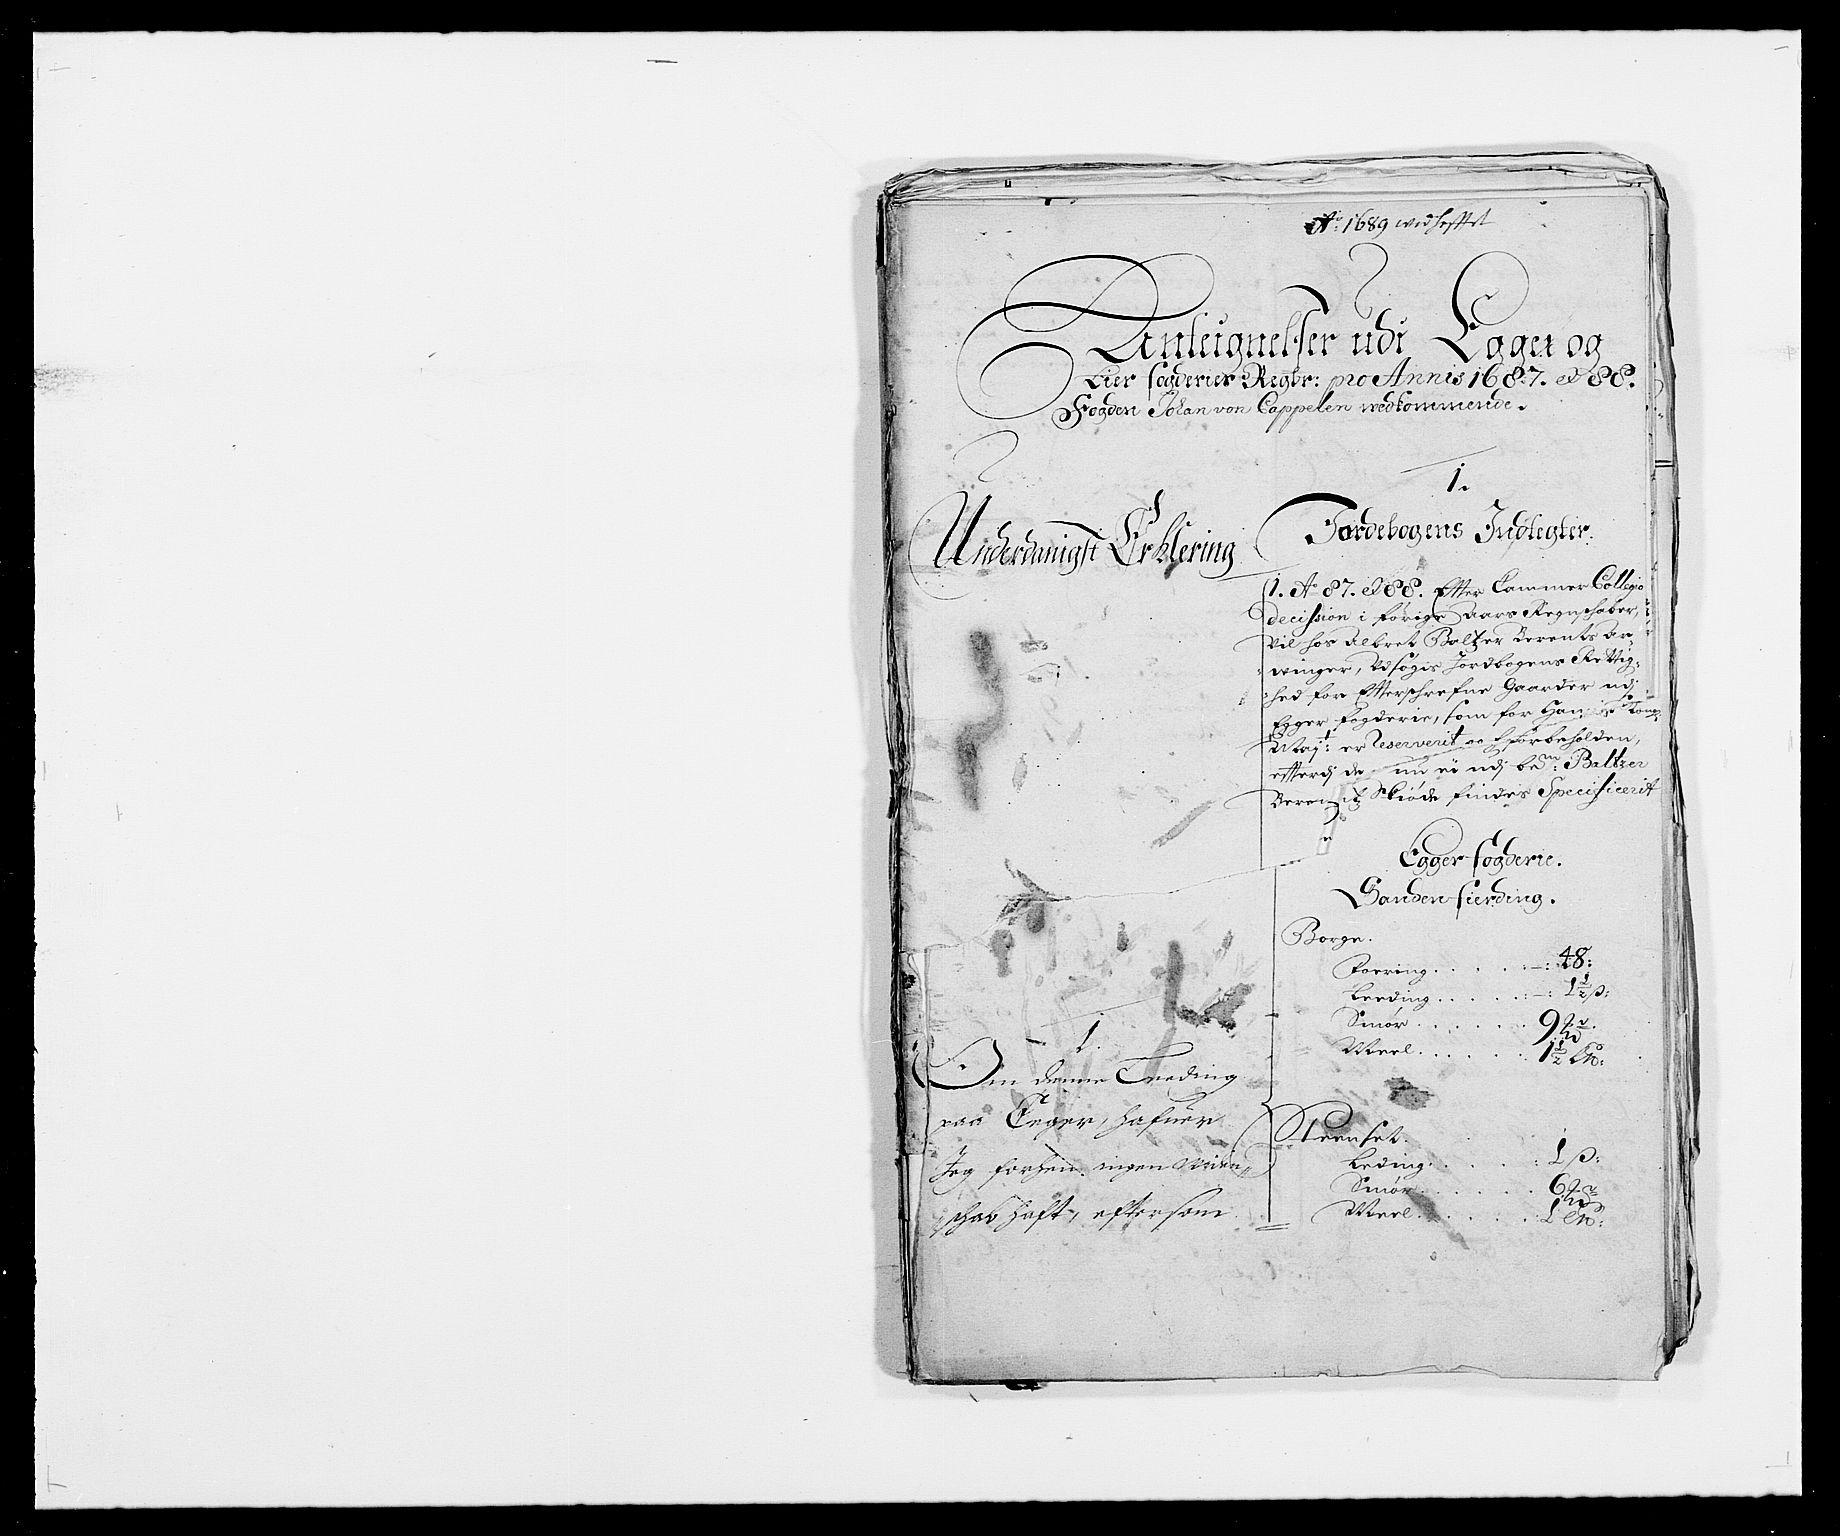 RA, Rentekammeret inntil 1814, Reviderte regnskaper, Fogderegnskap, R28/L1688: Fogderegnskap Eiker og Lier, 1687-1689, s. 286